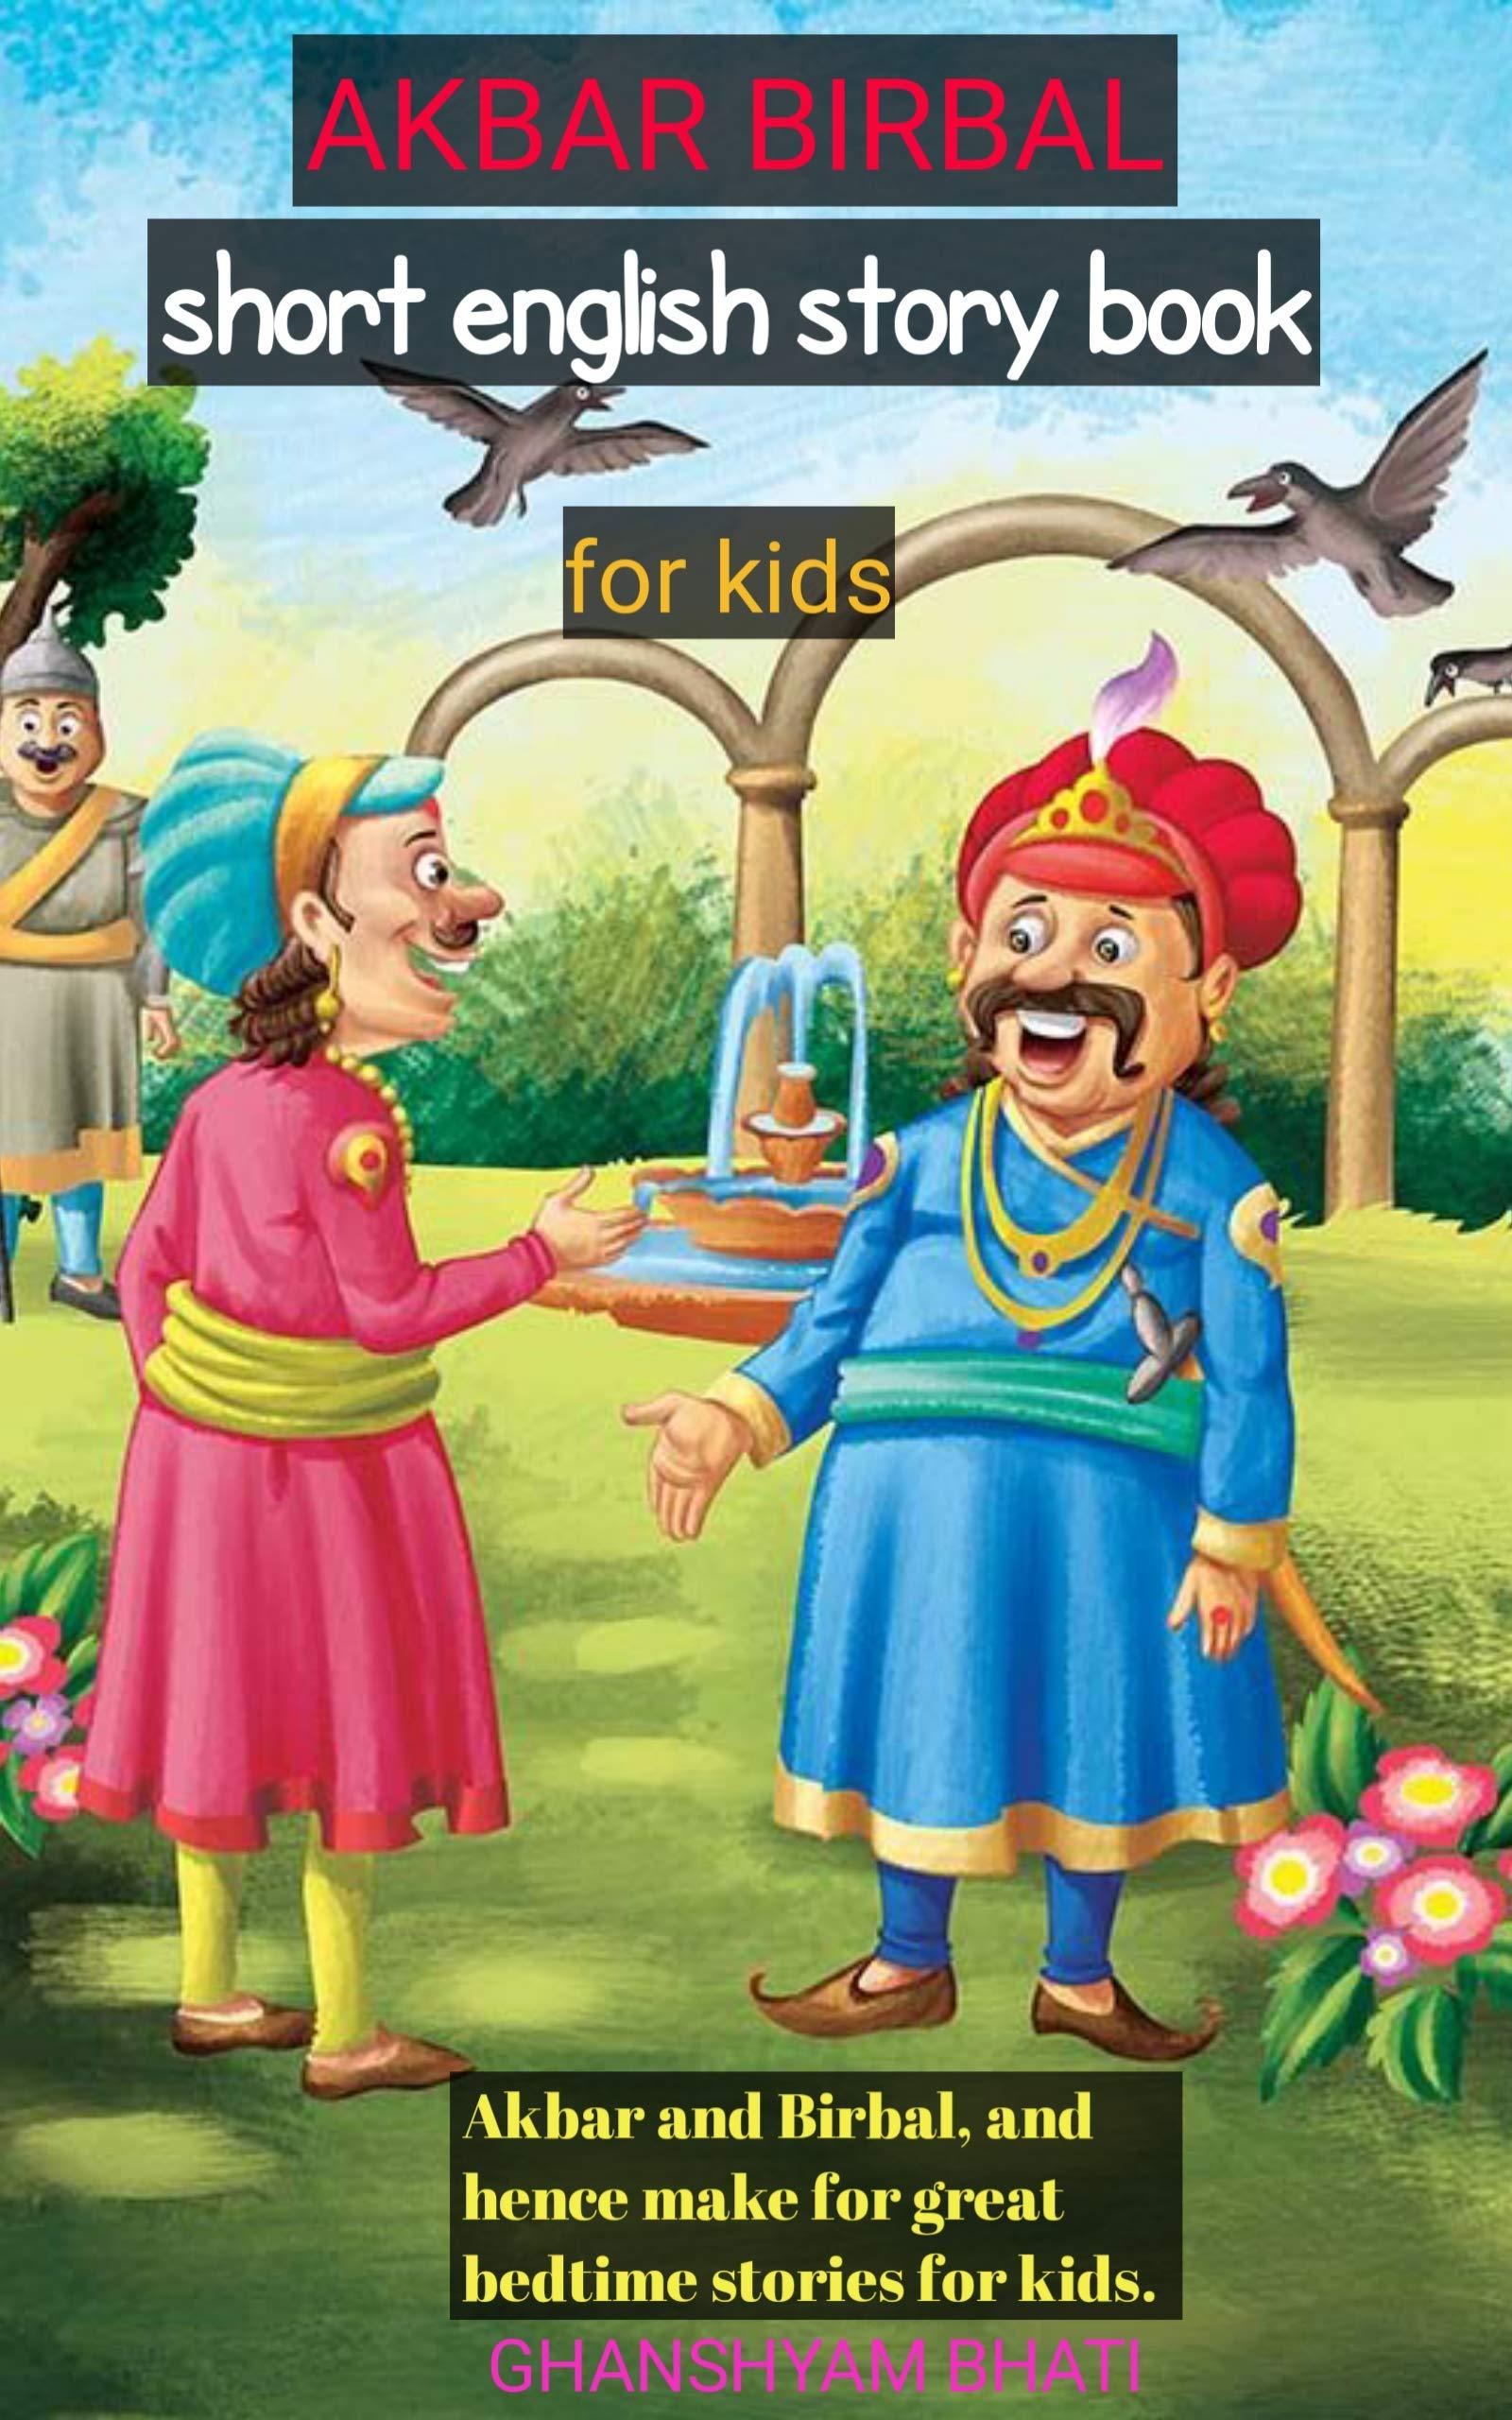 AKBAR BIRBAL STORIES: Short English stories for kids